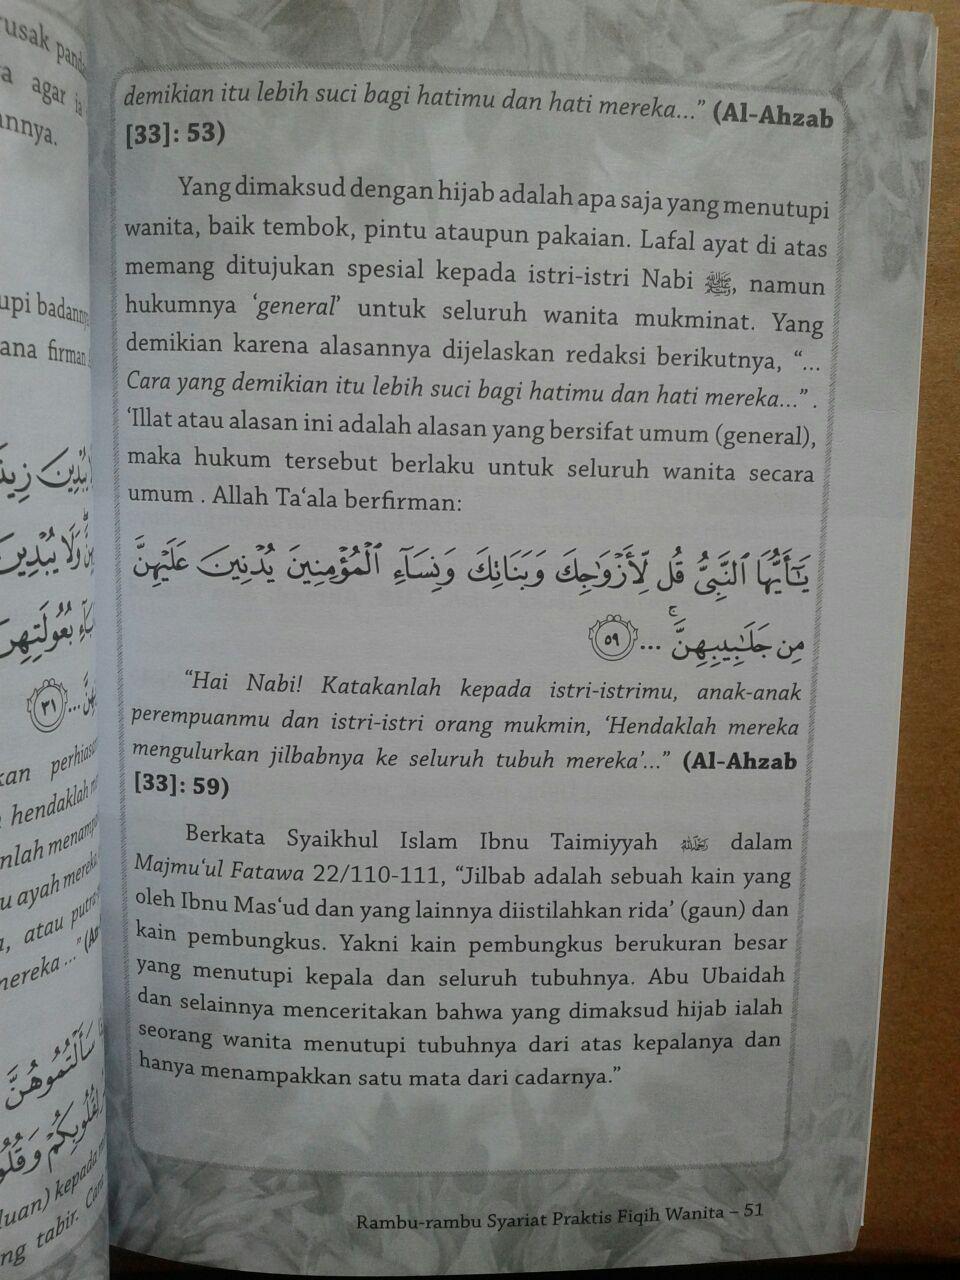 Buku Rambu-Rambu Syariat Praktis Fiqih Wanita isi